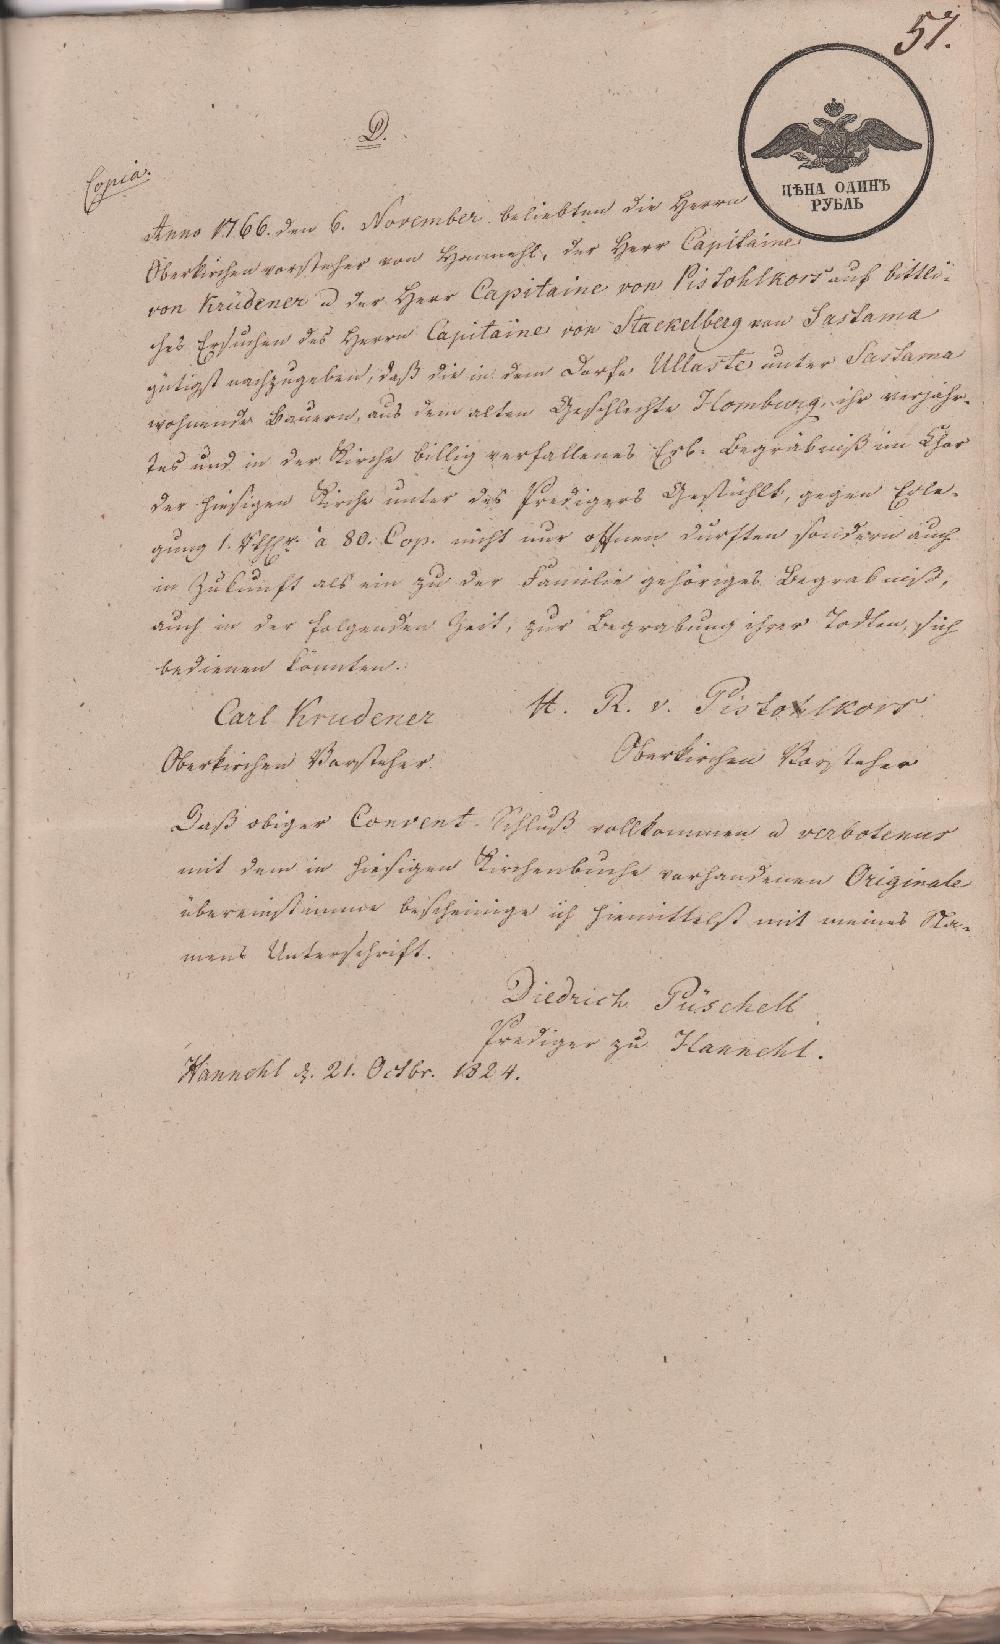 Hanila kiriku pastor Diedrich Püschell tõendab Homburgi hauakoha olemasolu Hanila kirikus. RA, EAA.858.1.2579, l 57